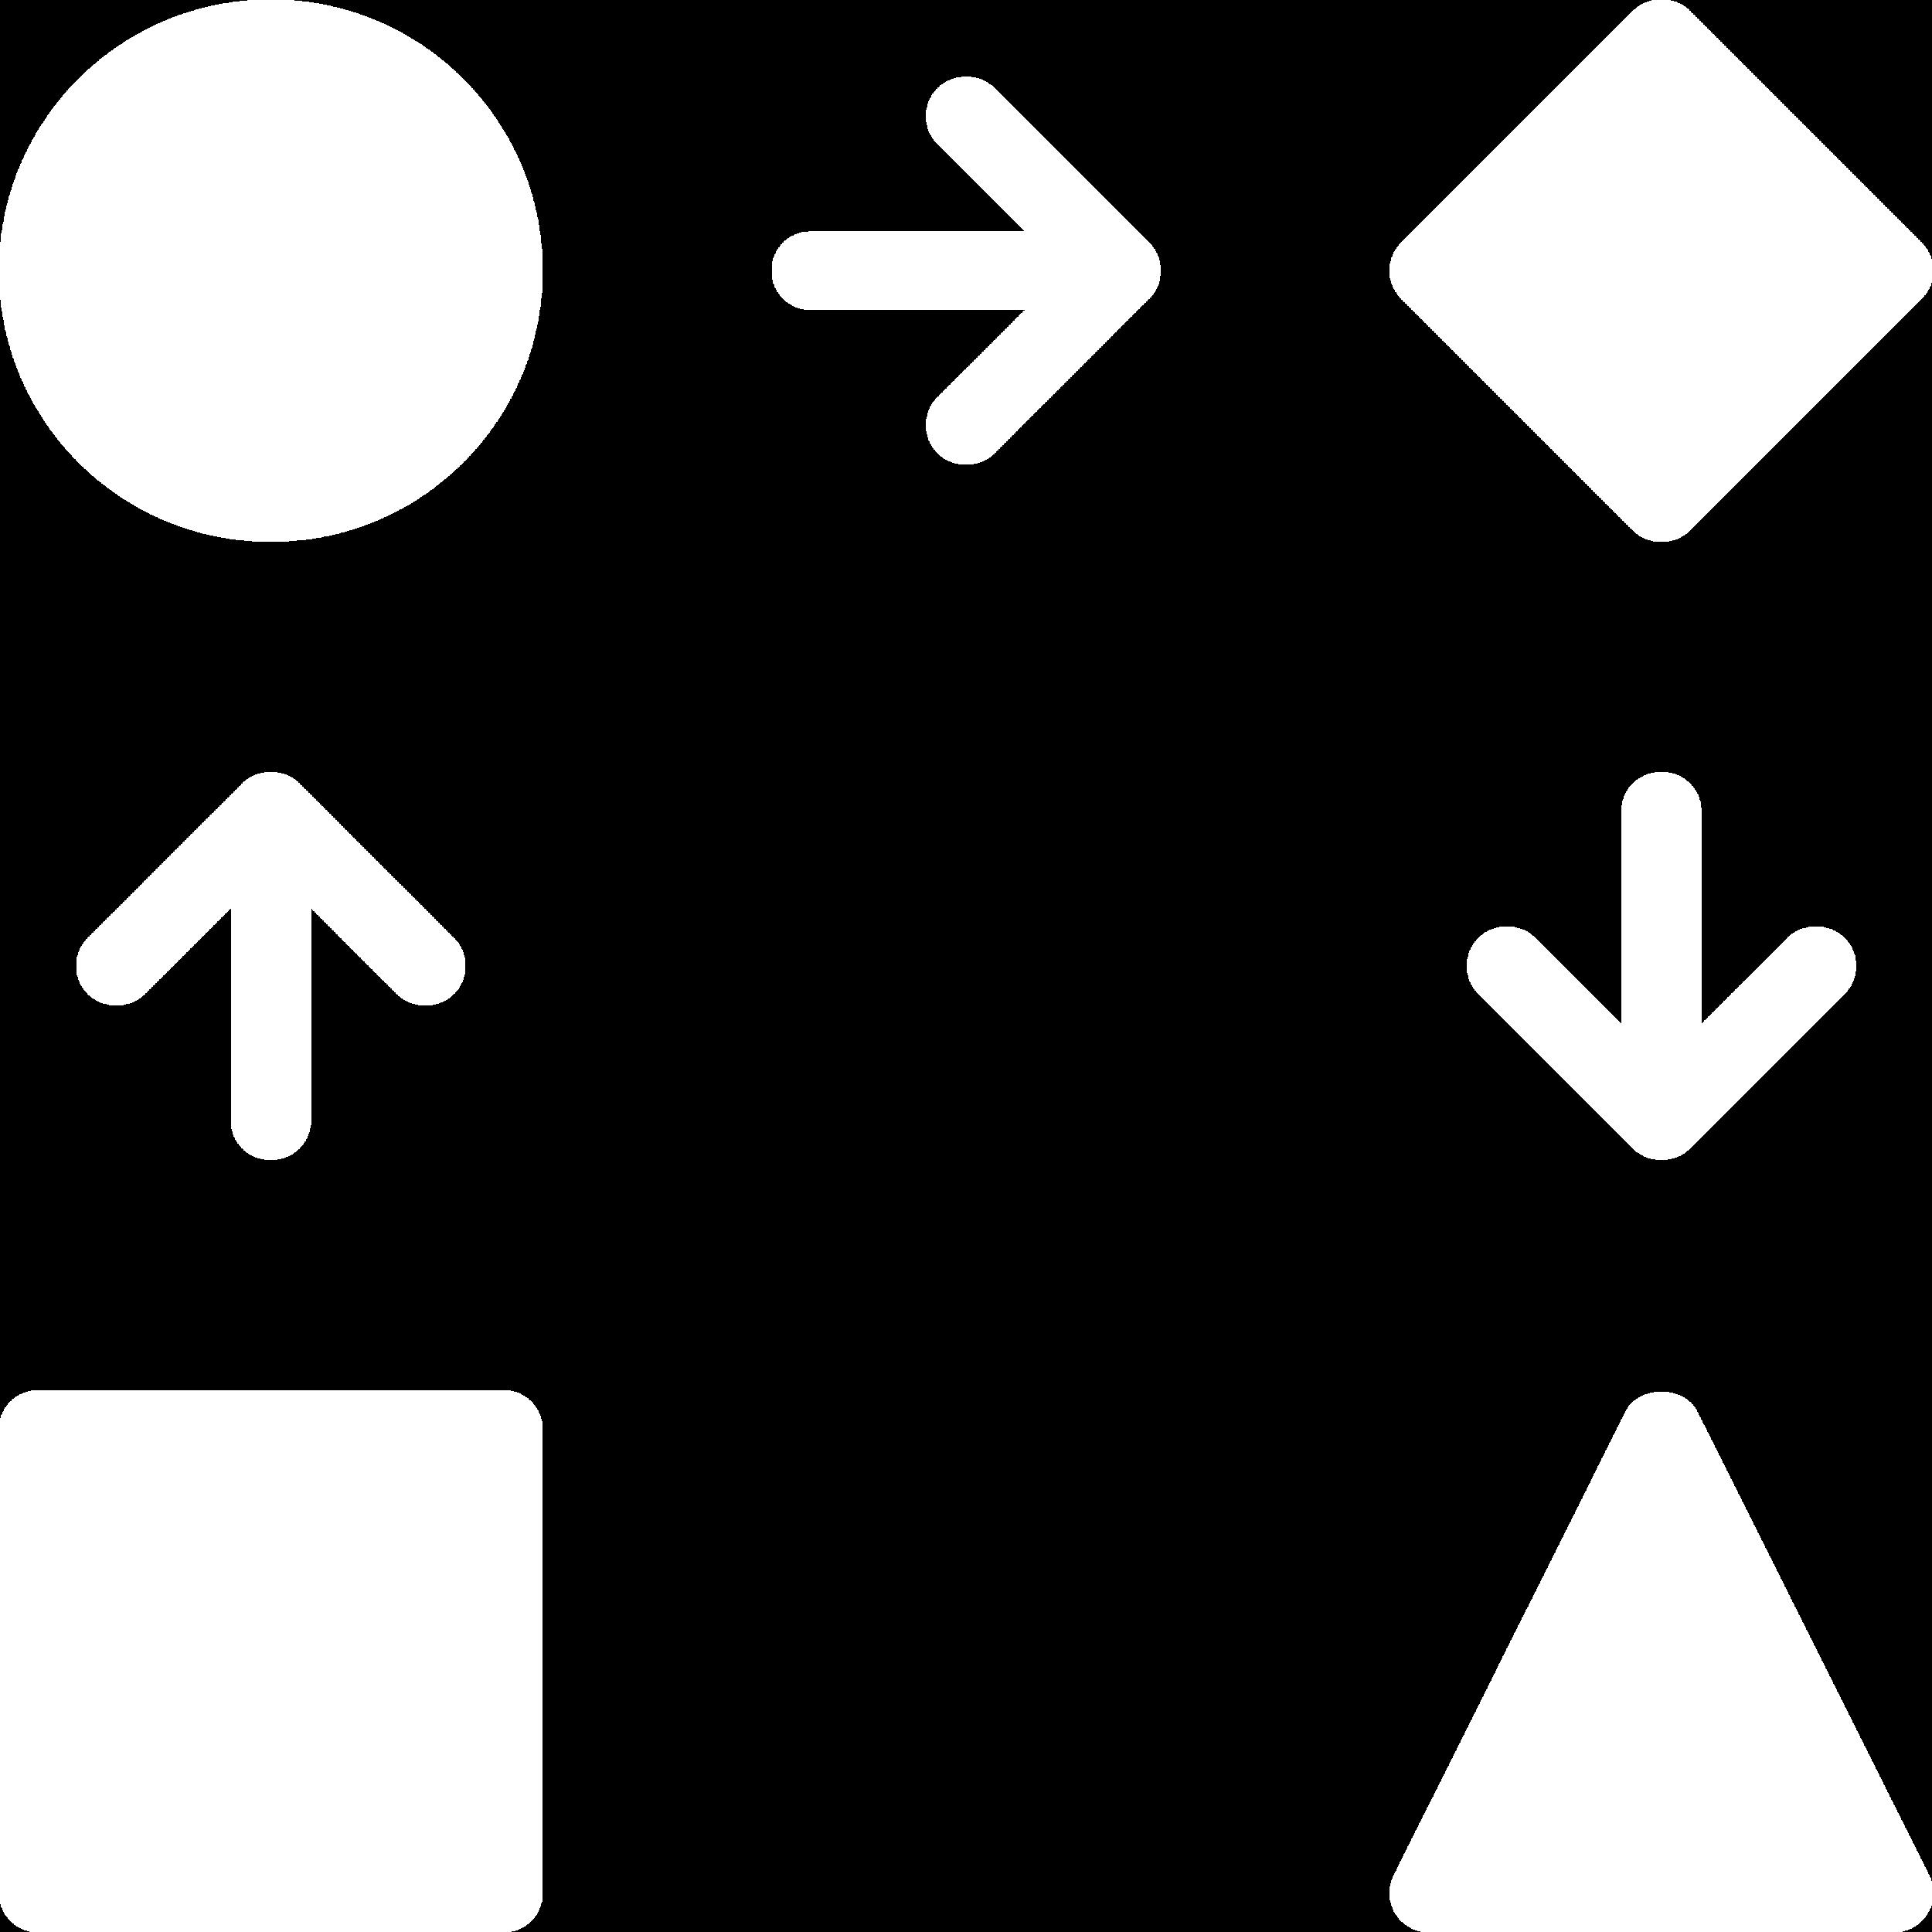 Development__Thin_White.png